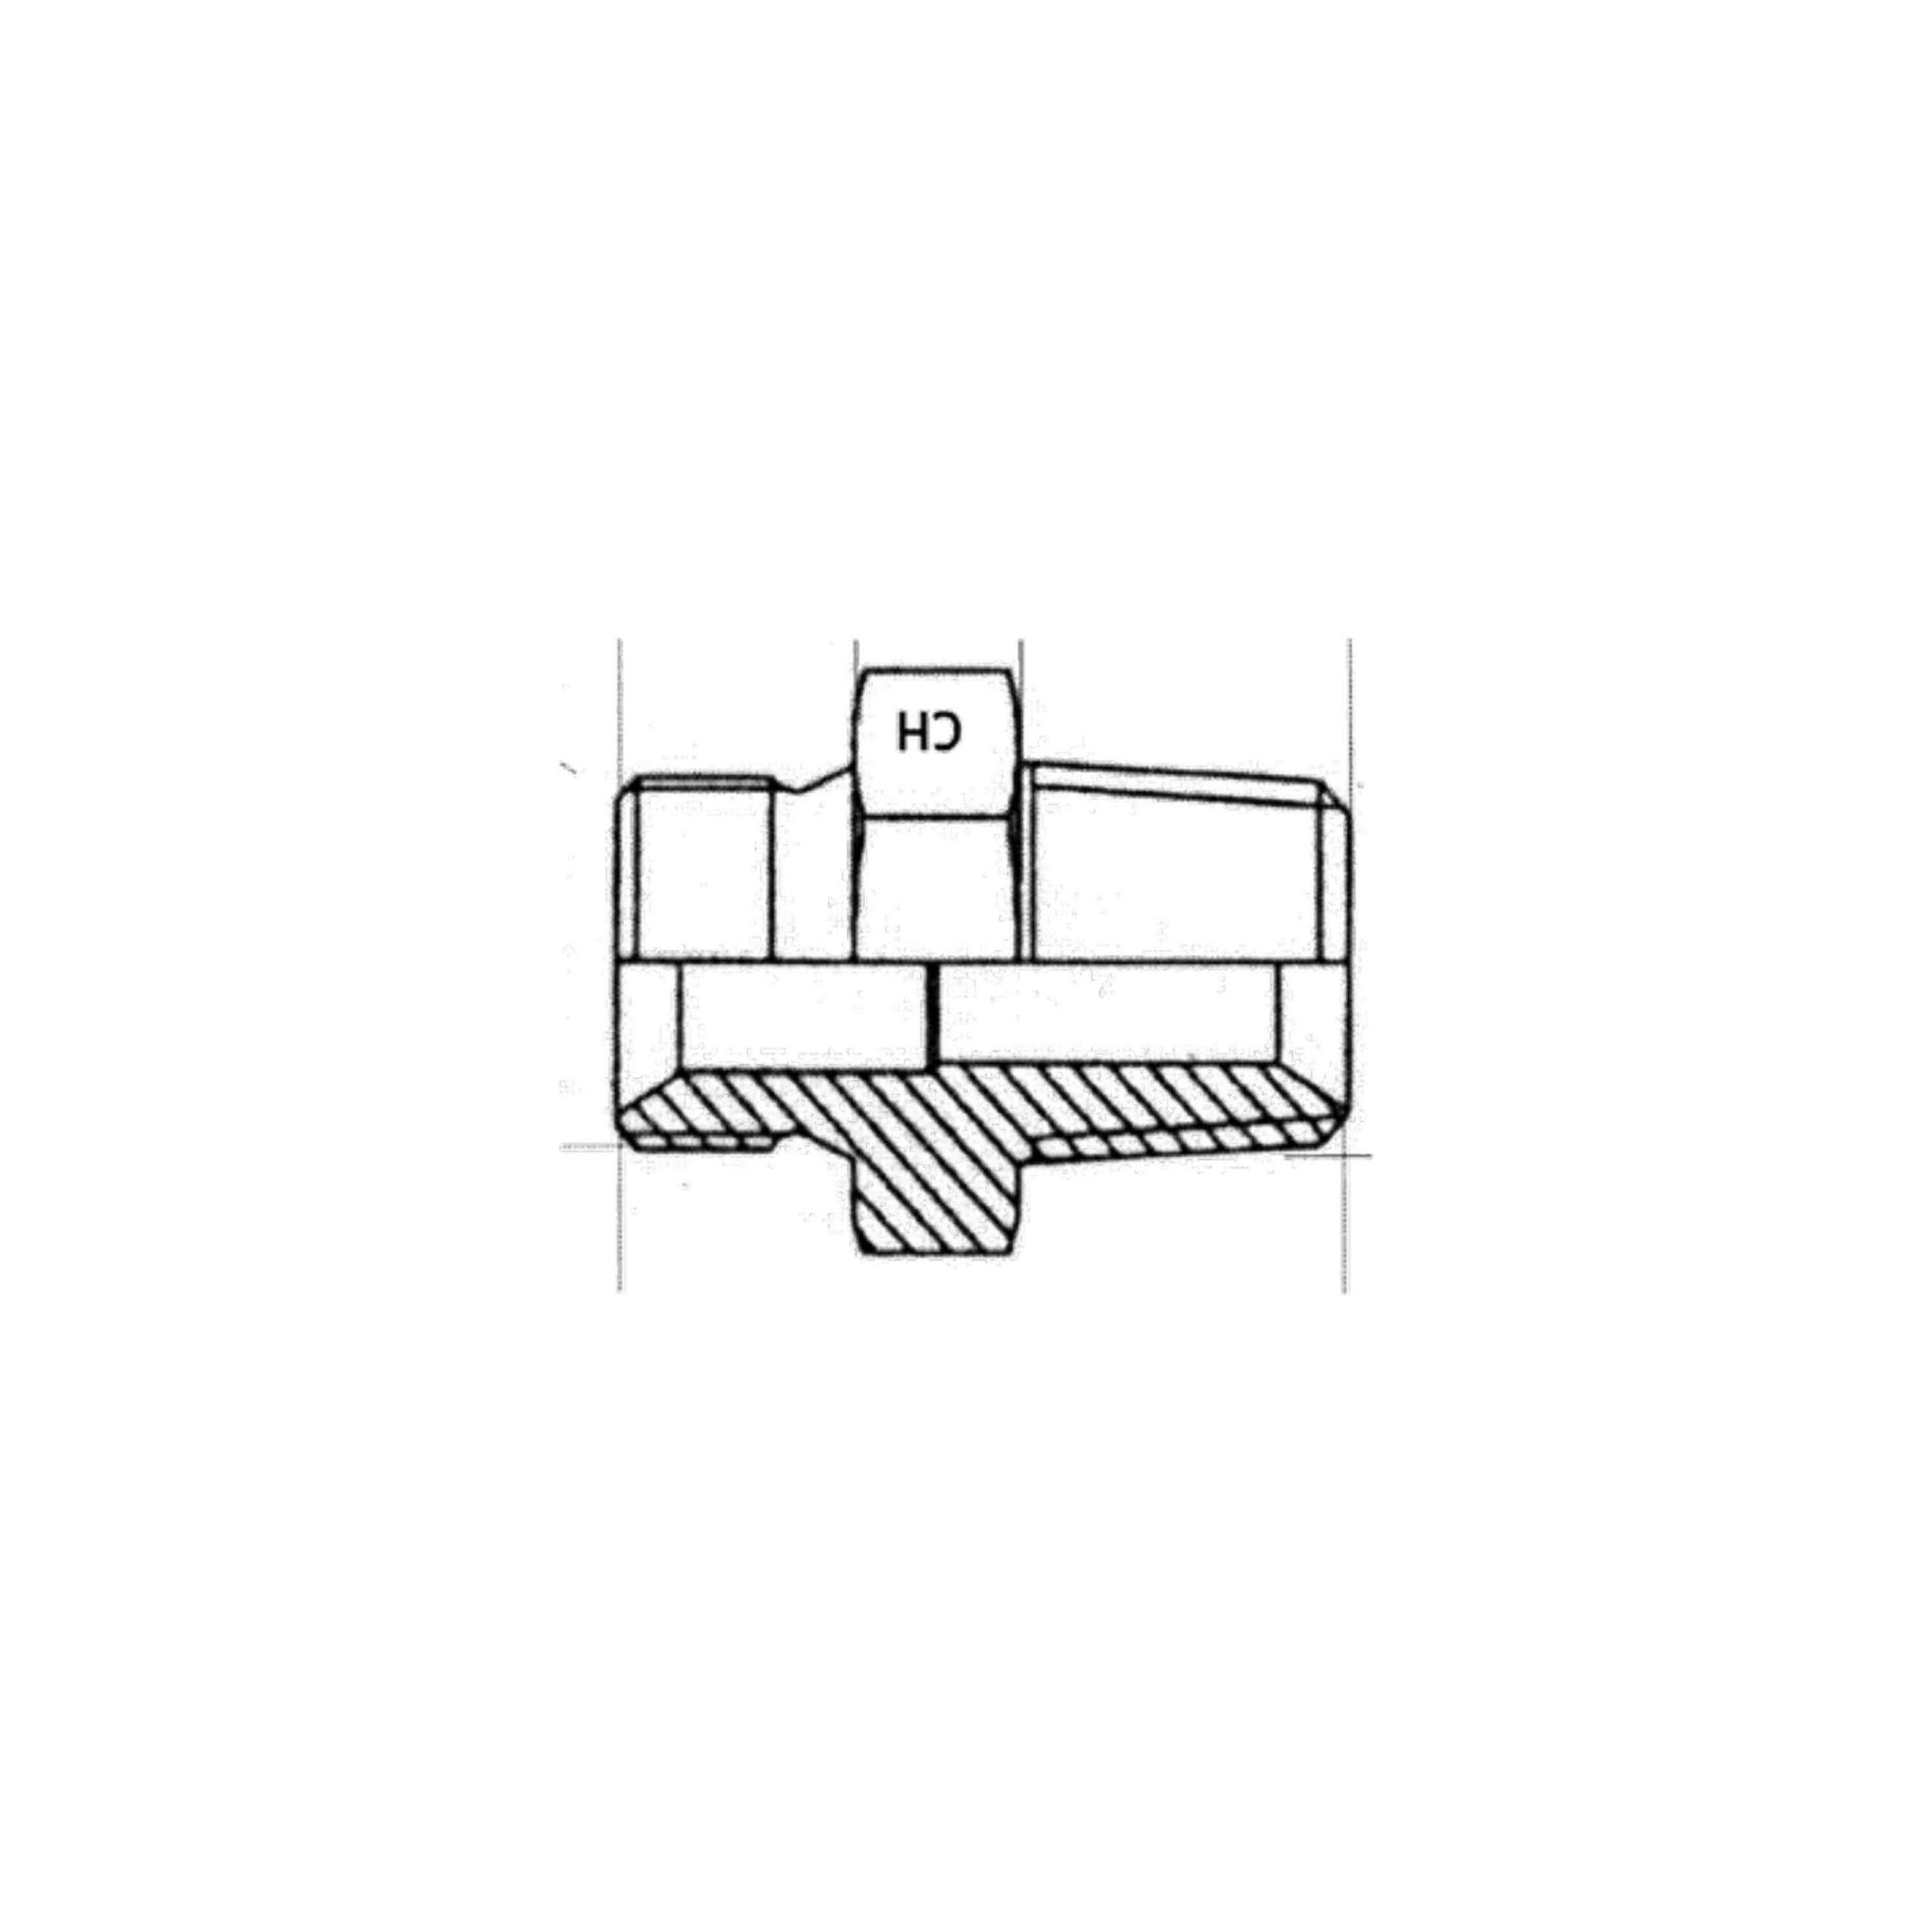 UNION_MALE_BSP_X_MALE_GAZ_CONIQUE_BSB_CAOUTCHOUCS_PLASTIQUES